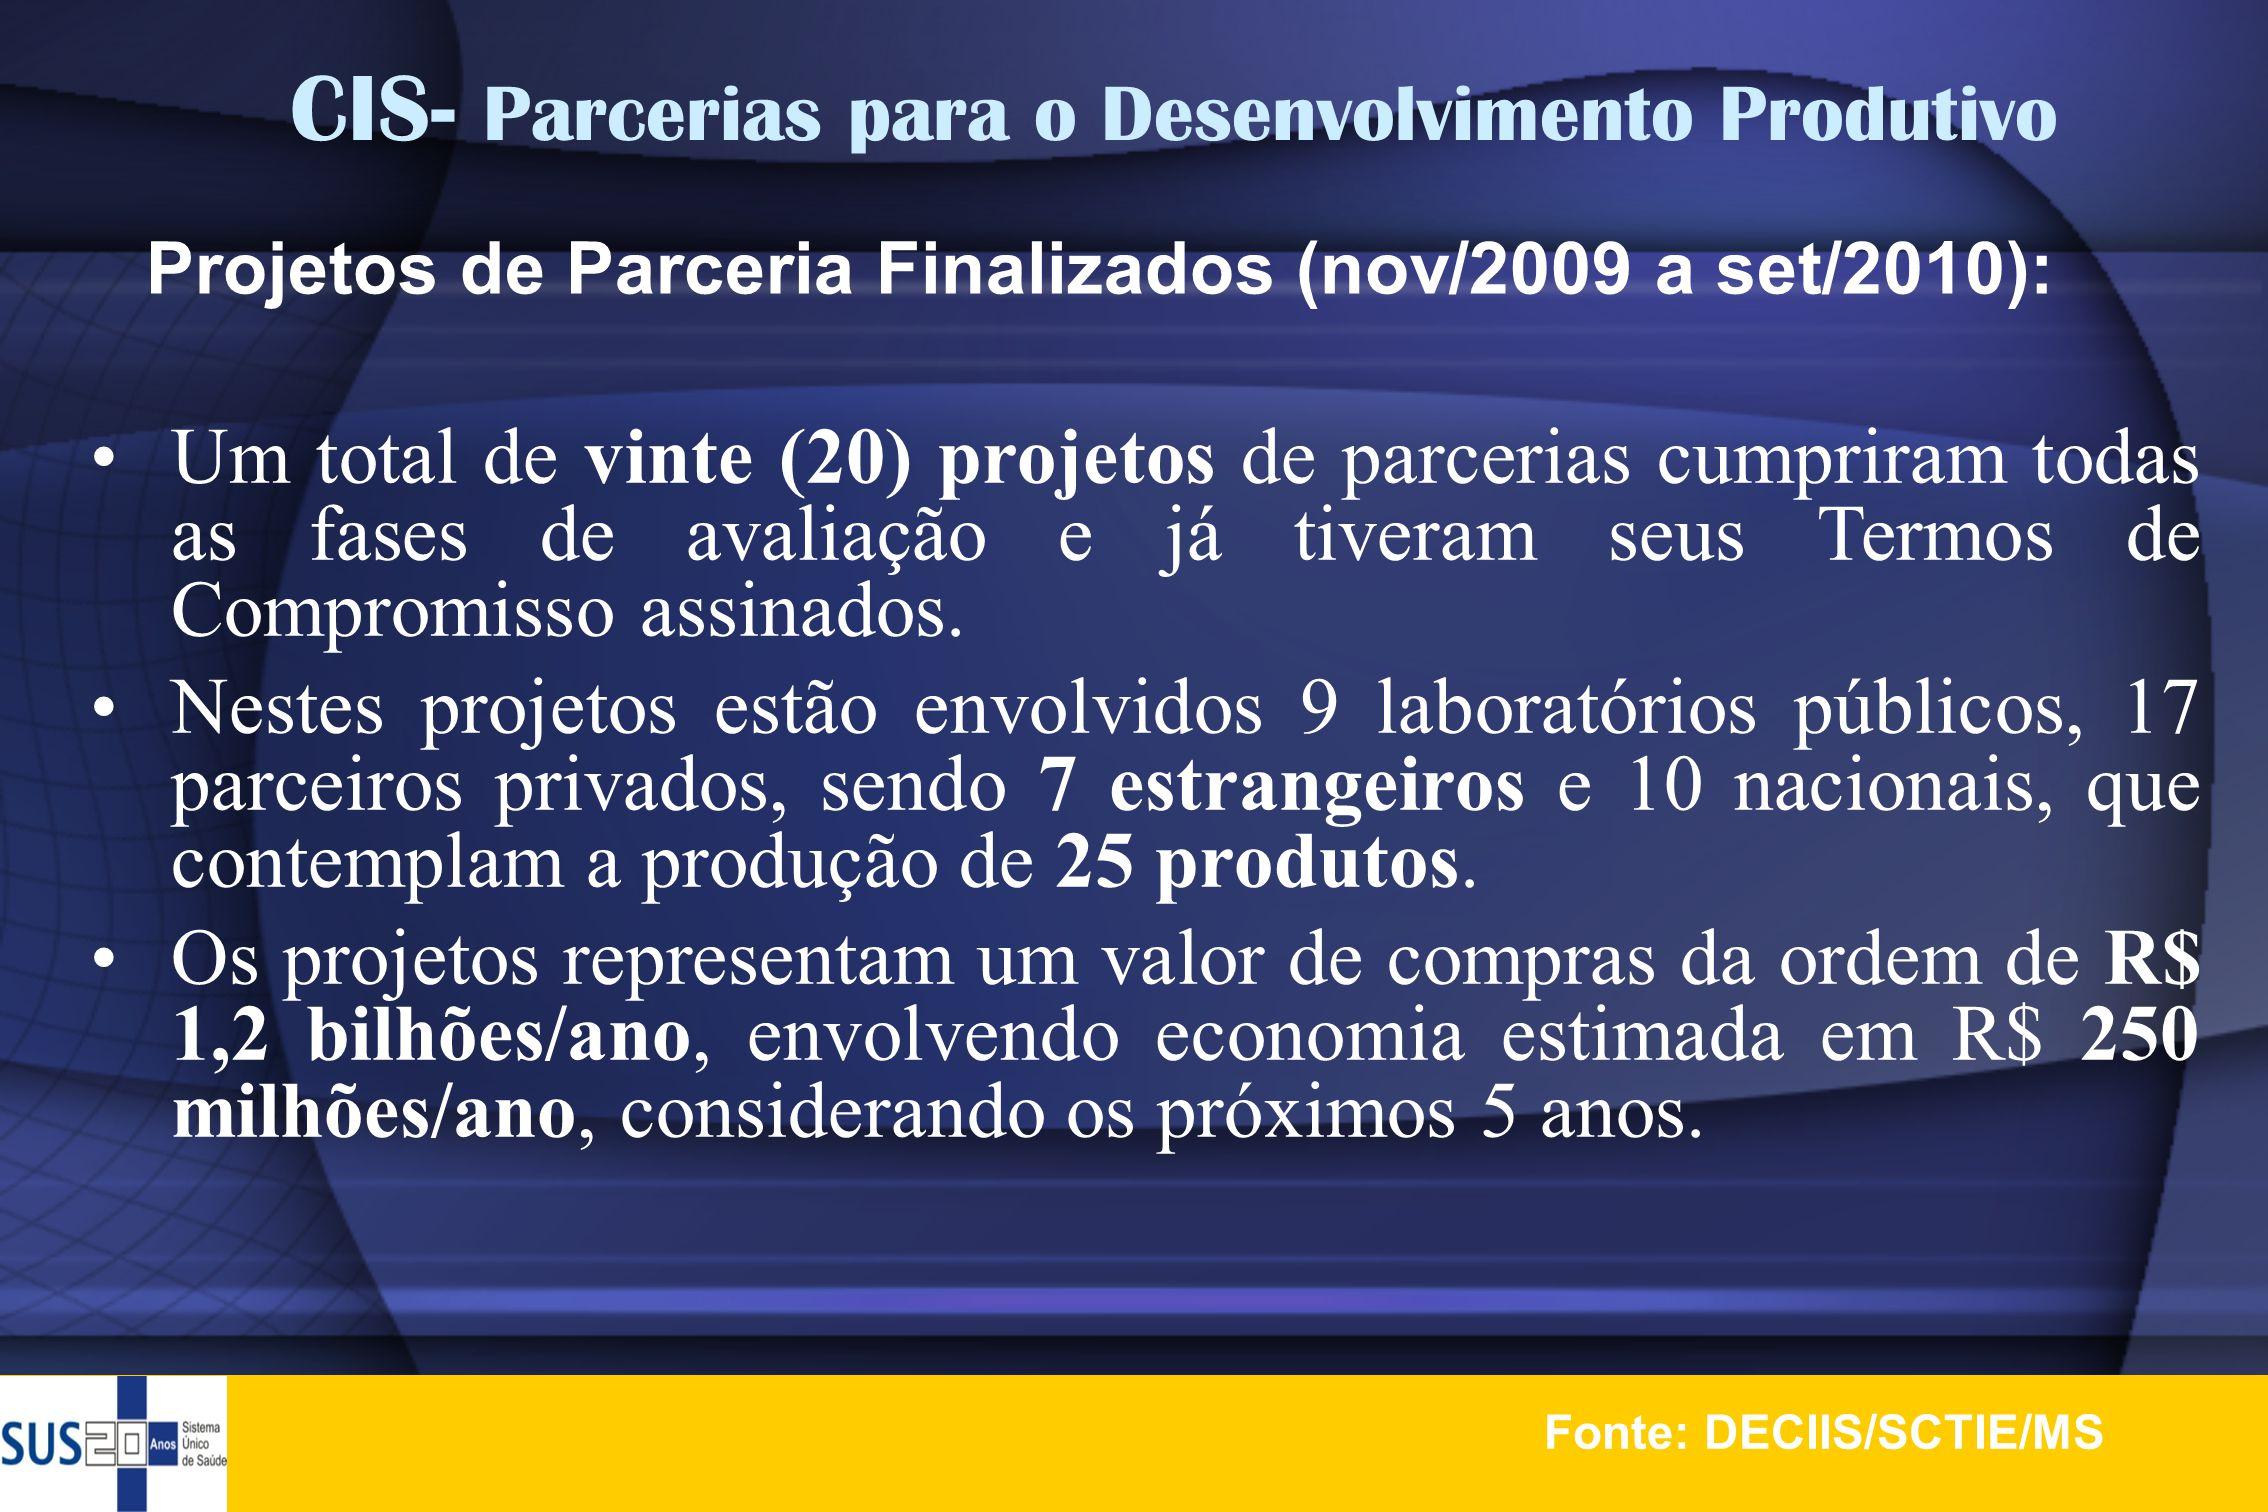 Projetos de Parceria Finalizados (nov/2009 a set/2010):